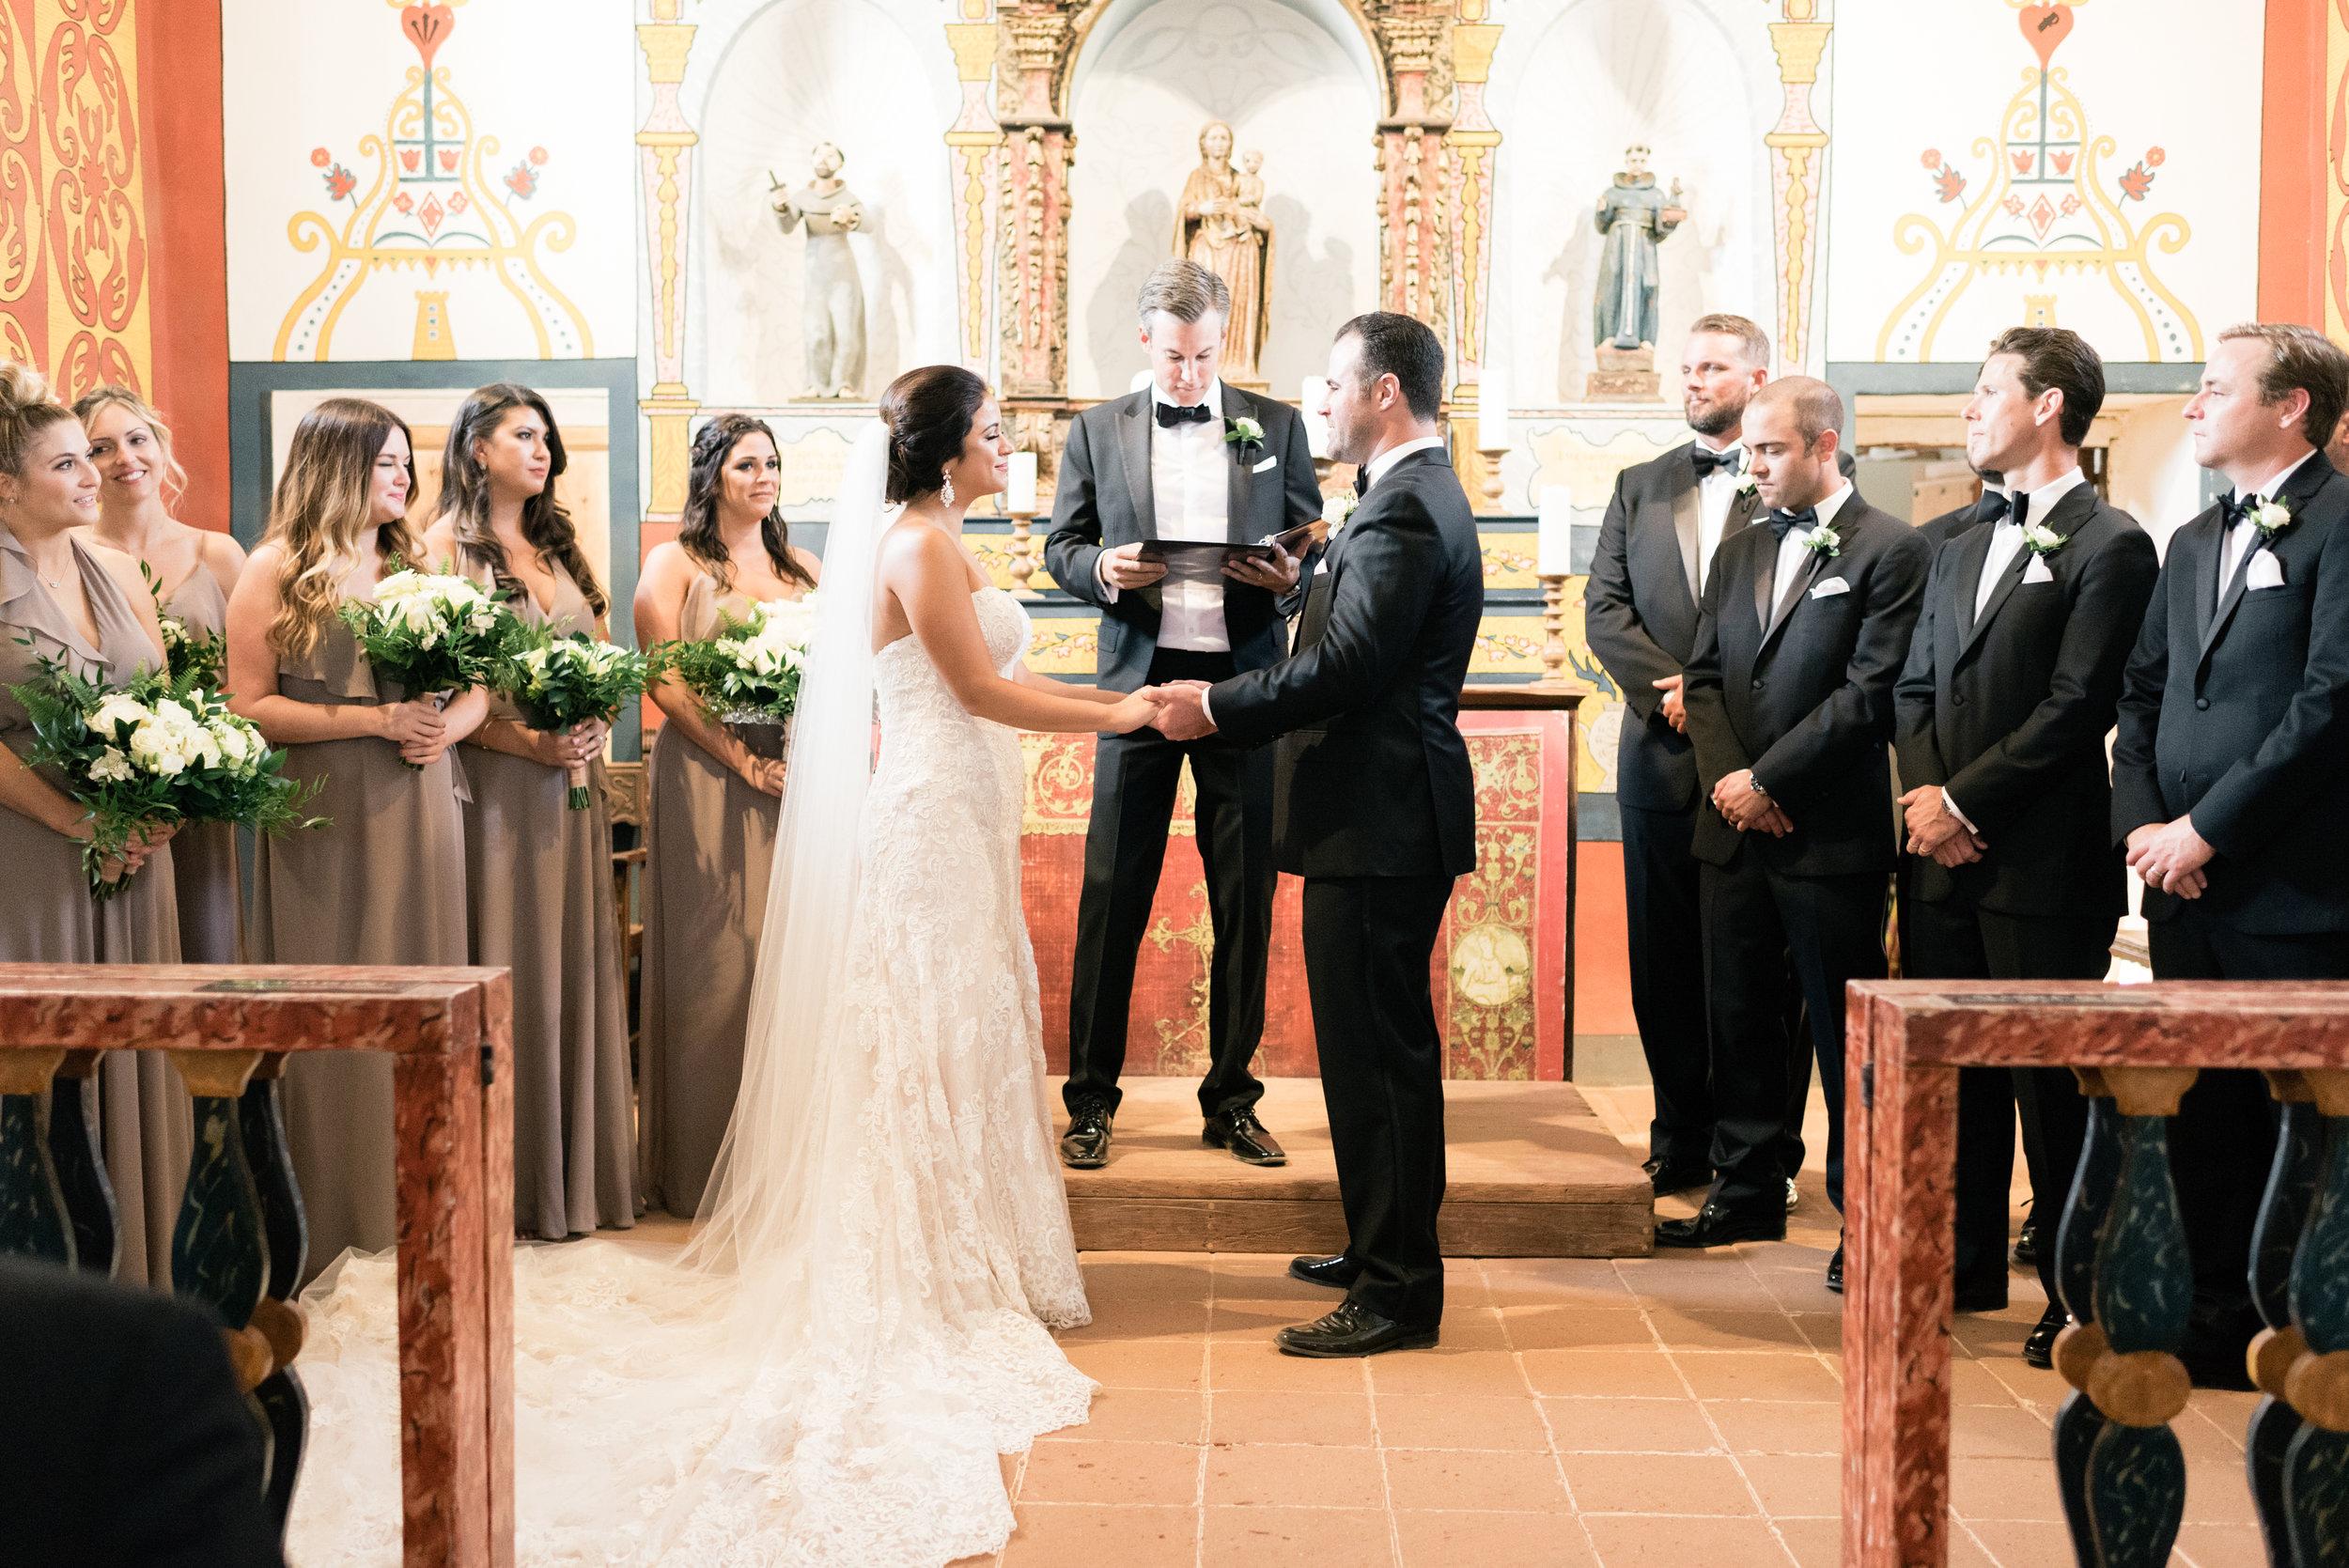 www.santabarbarawedding.com   El Presidio   Santa Barbara Club   Taralynn Lawton   Bride and Groom   Ceremony